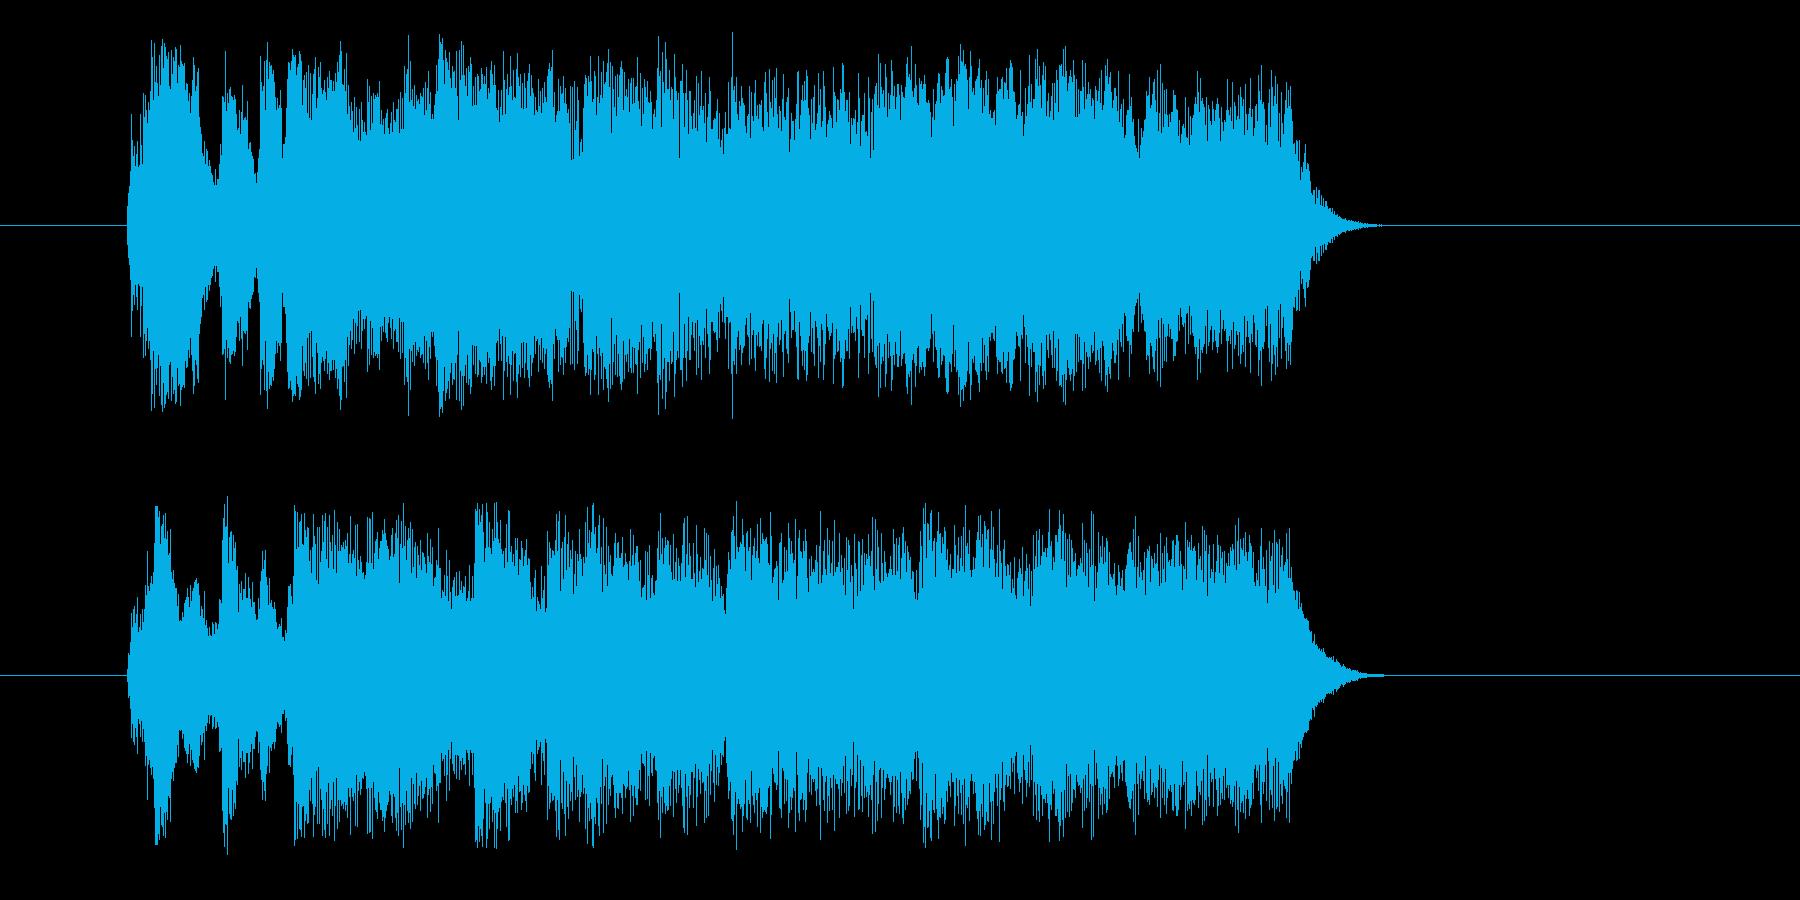 タンゴ アルゼンチン 情熱 哀愁 妖艶の再生済みの波形